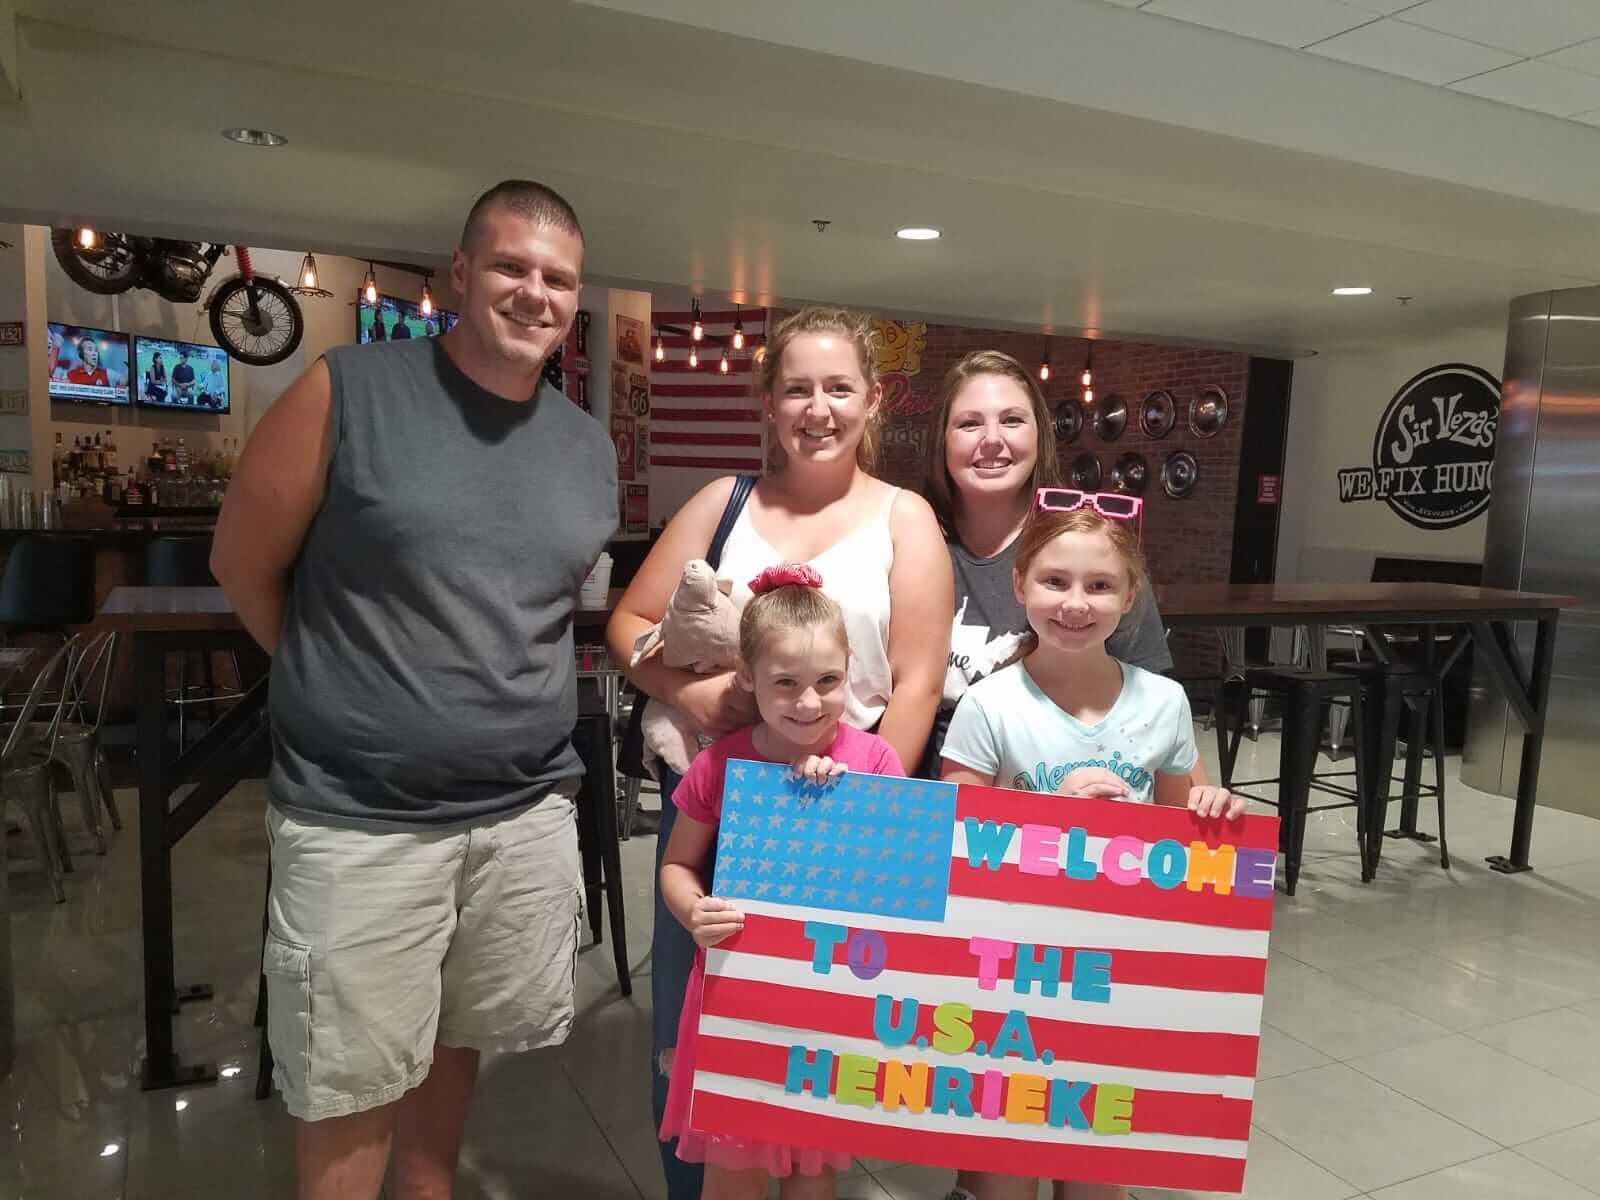 Familie mit zwei Kindern und Gastschüler, die ein Willkommensplakat hochhalten